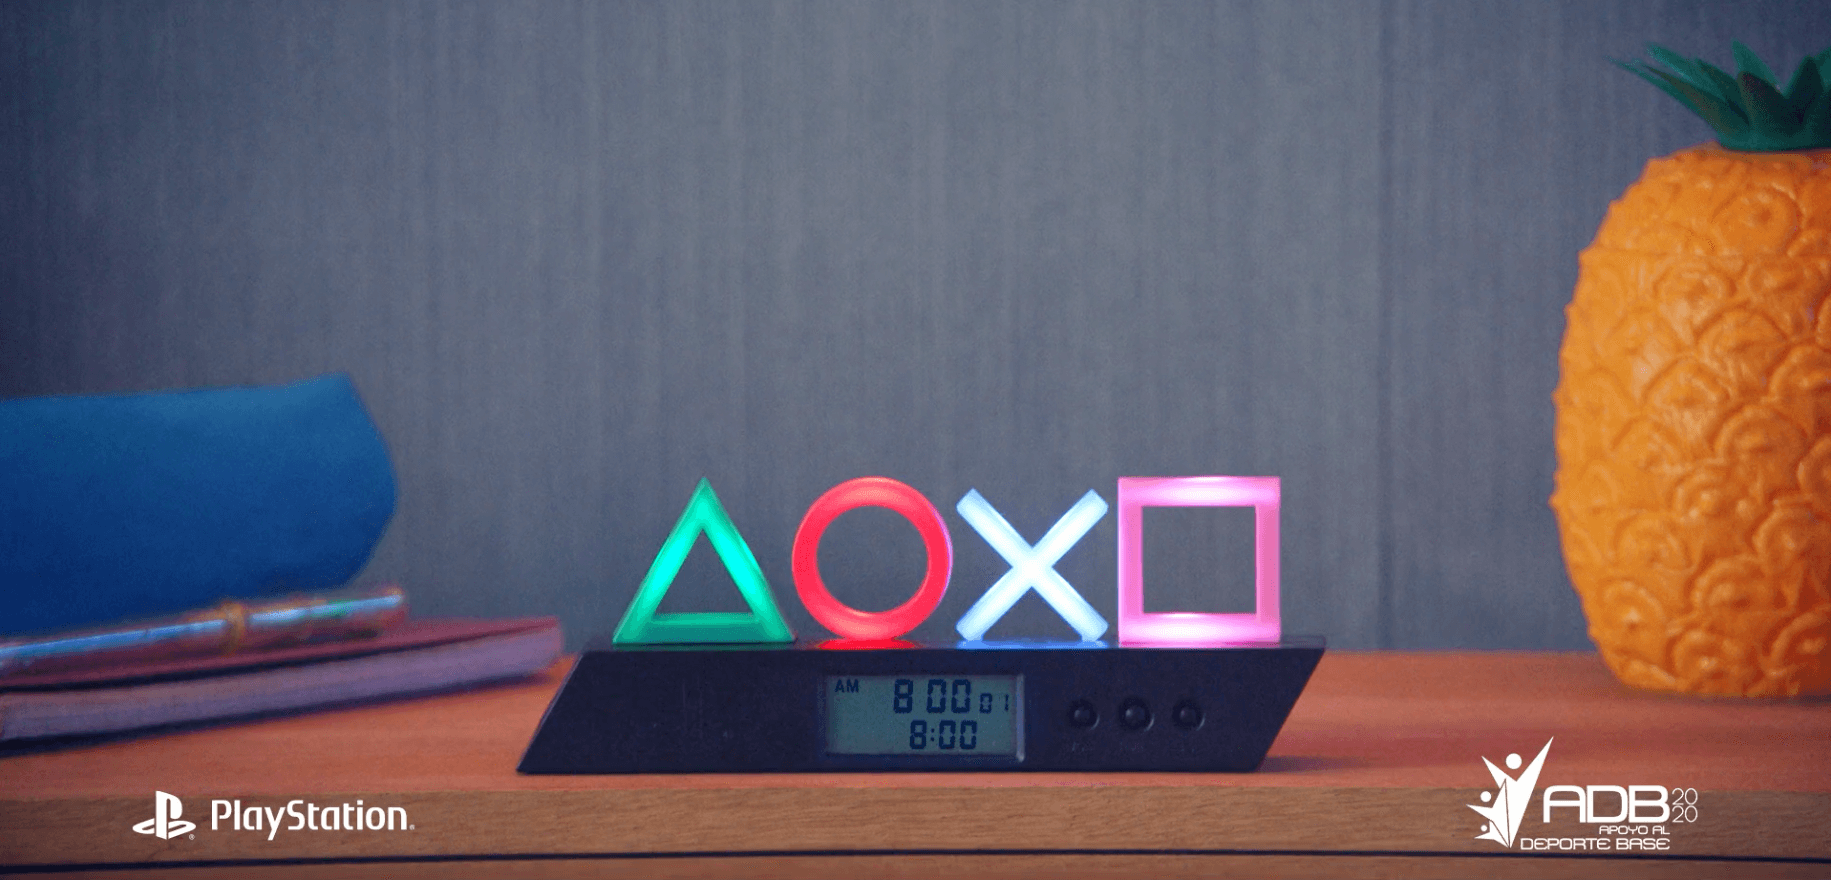 Colacao - Playstation